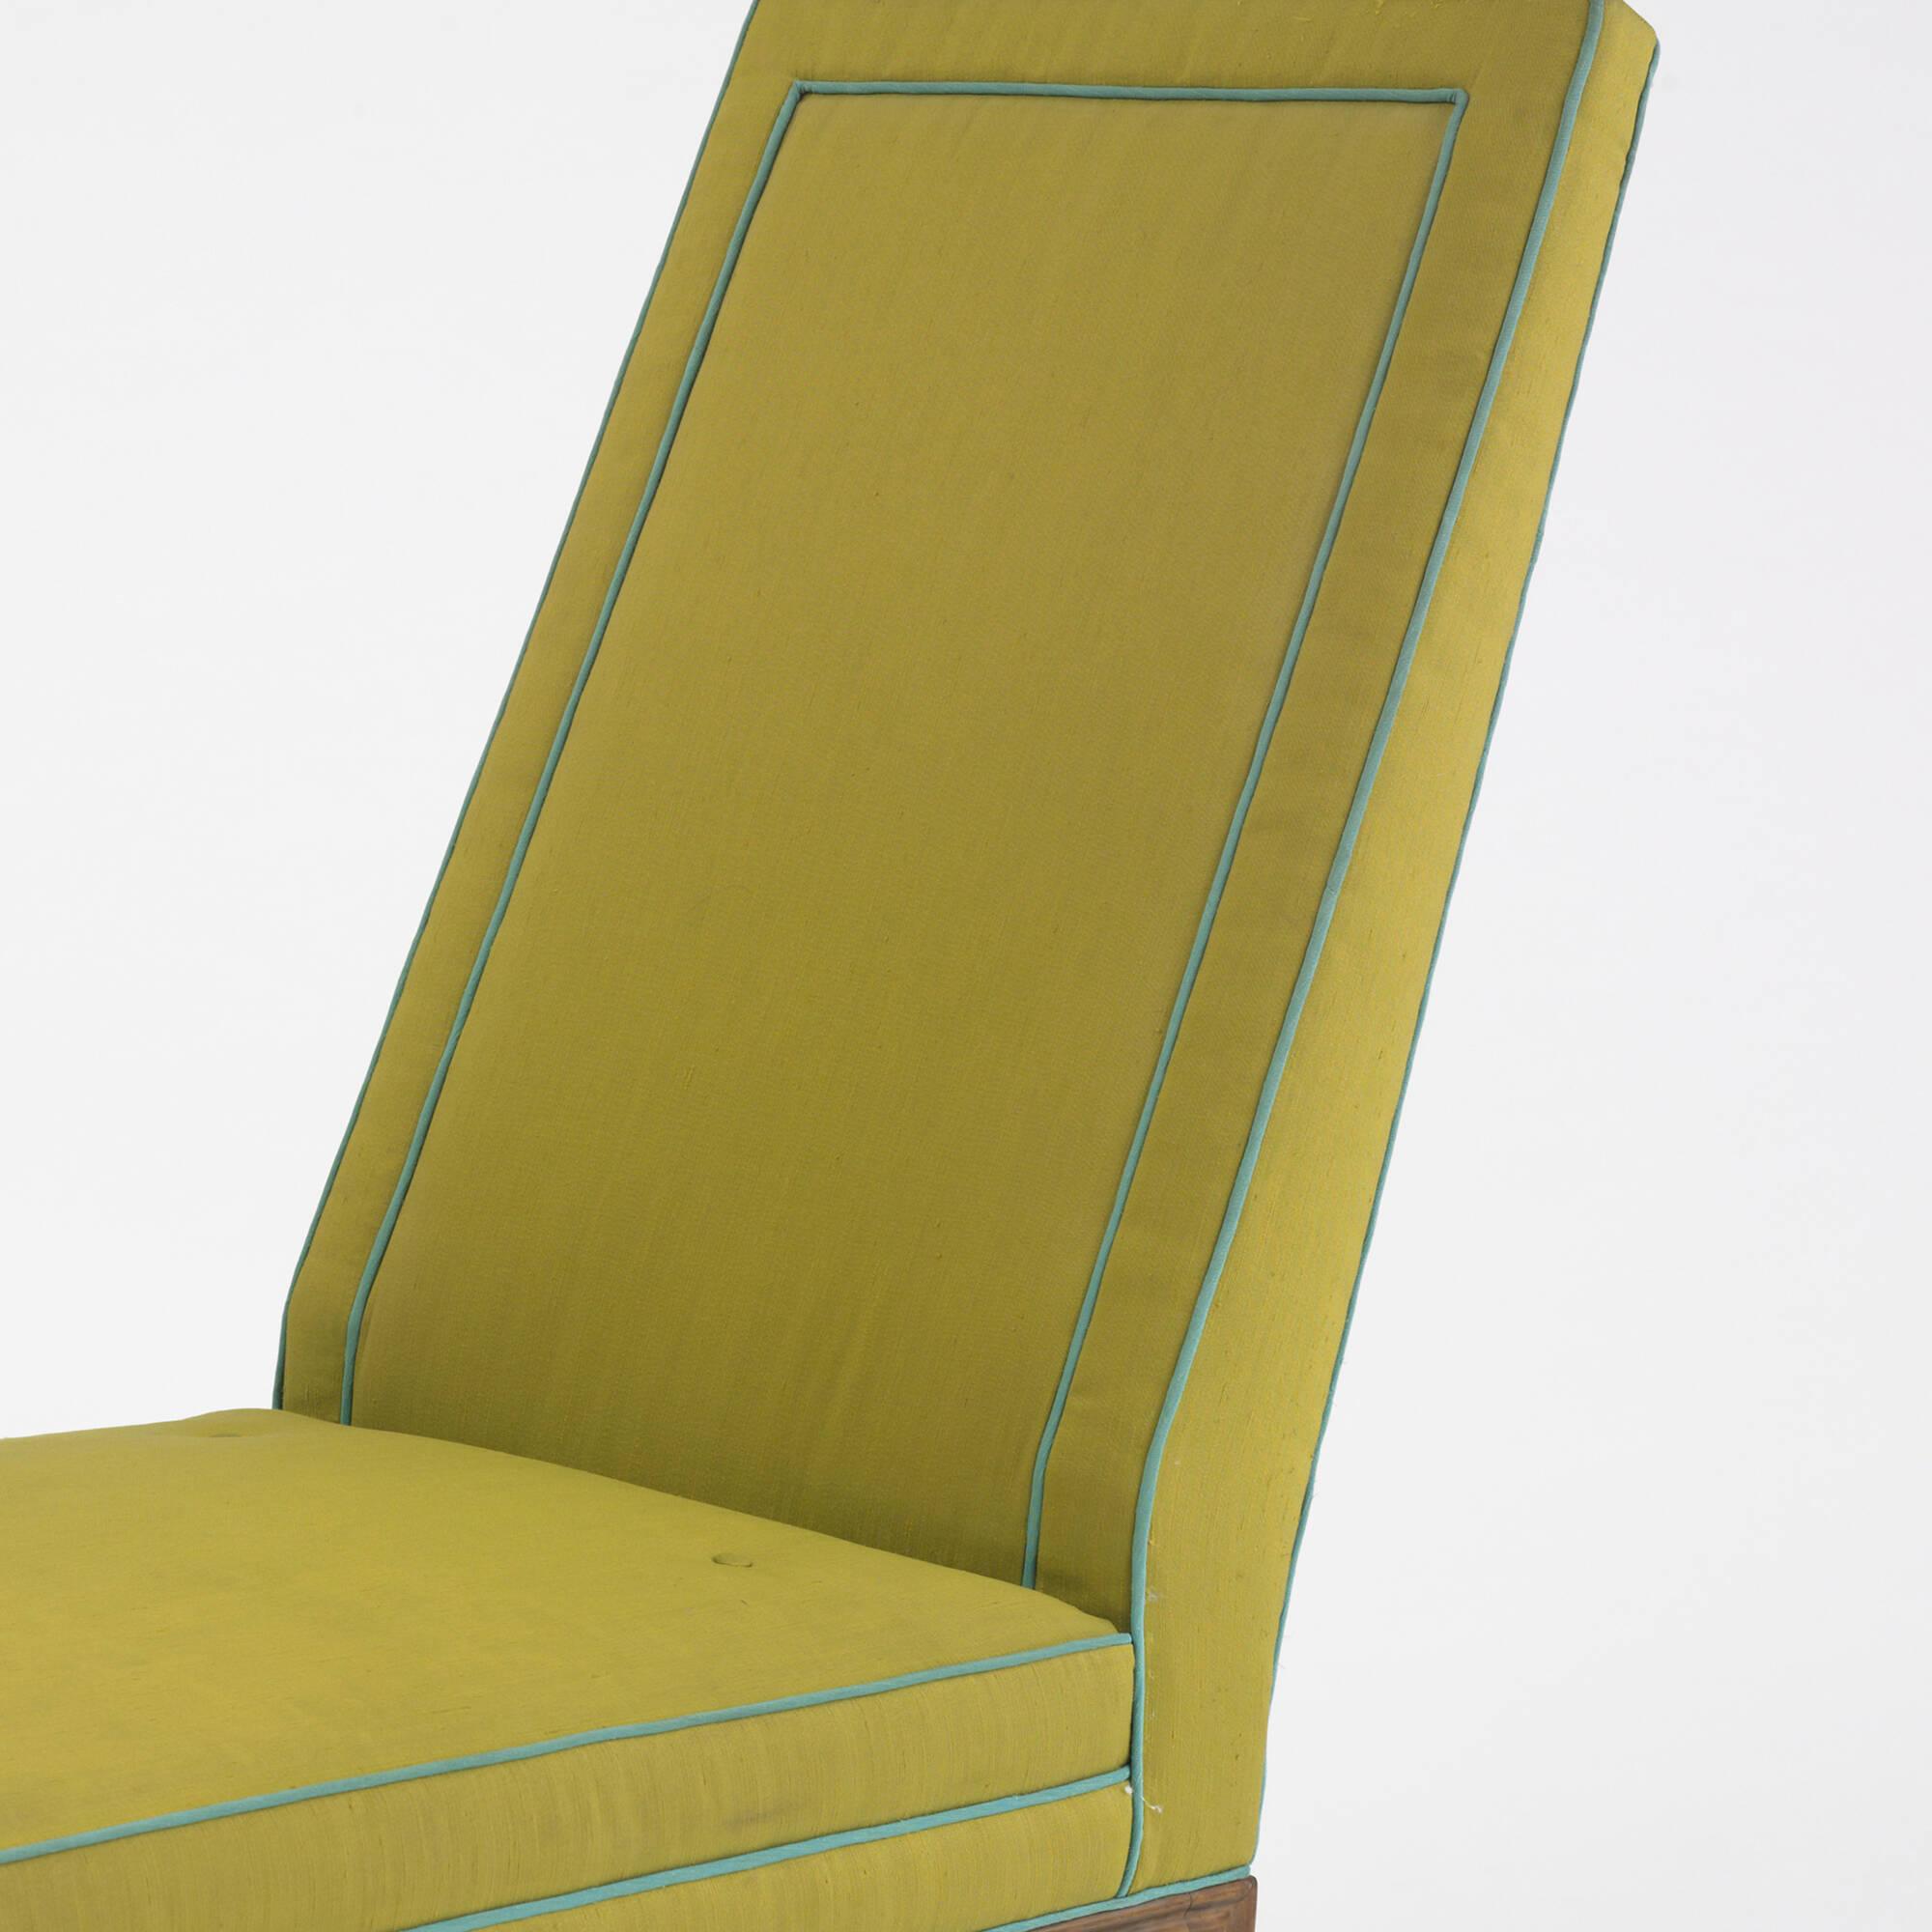 Modern Home Design October 2012: 262: T.H. ROBSJOHN-GIBBINGS, Chaise